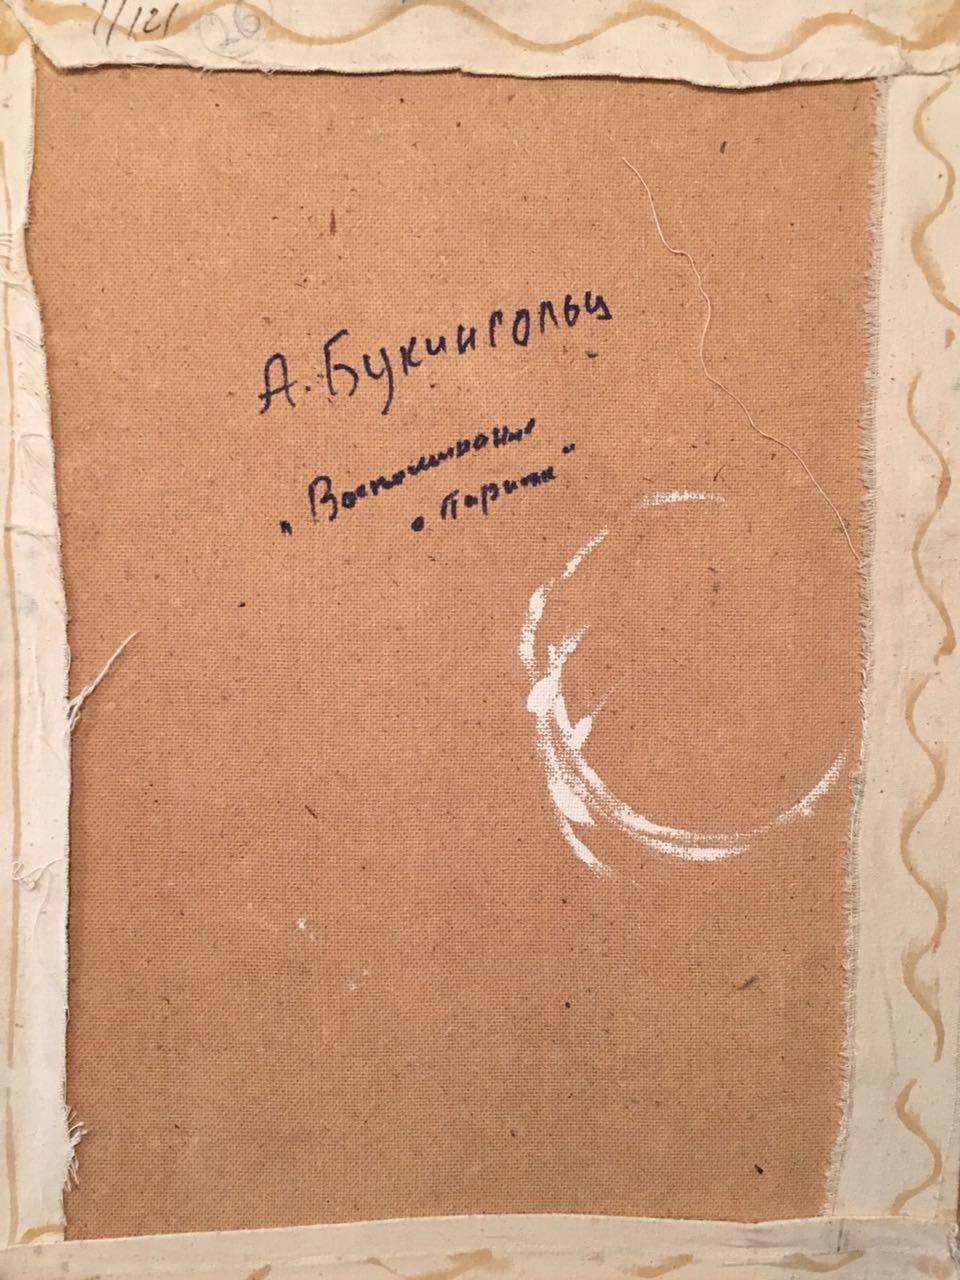 Оборот. Букингольц Алексей Евгеньевич. Воспоминание о Париже.